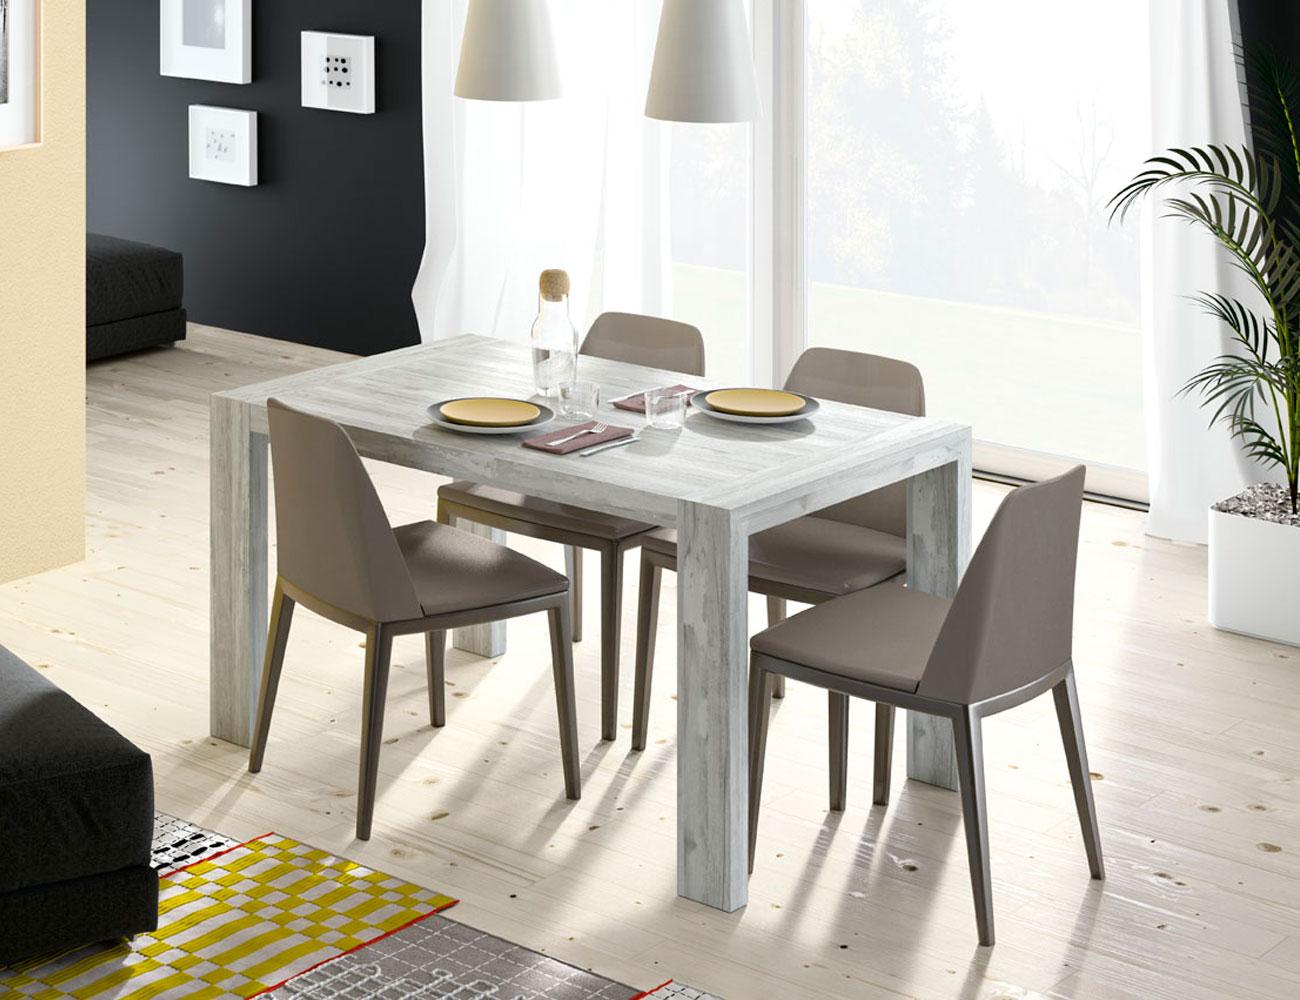 173 mesa rectangular pata deslizante artic11